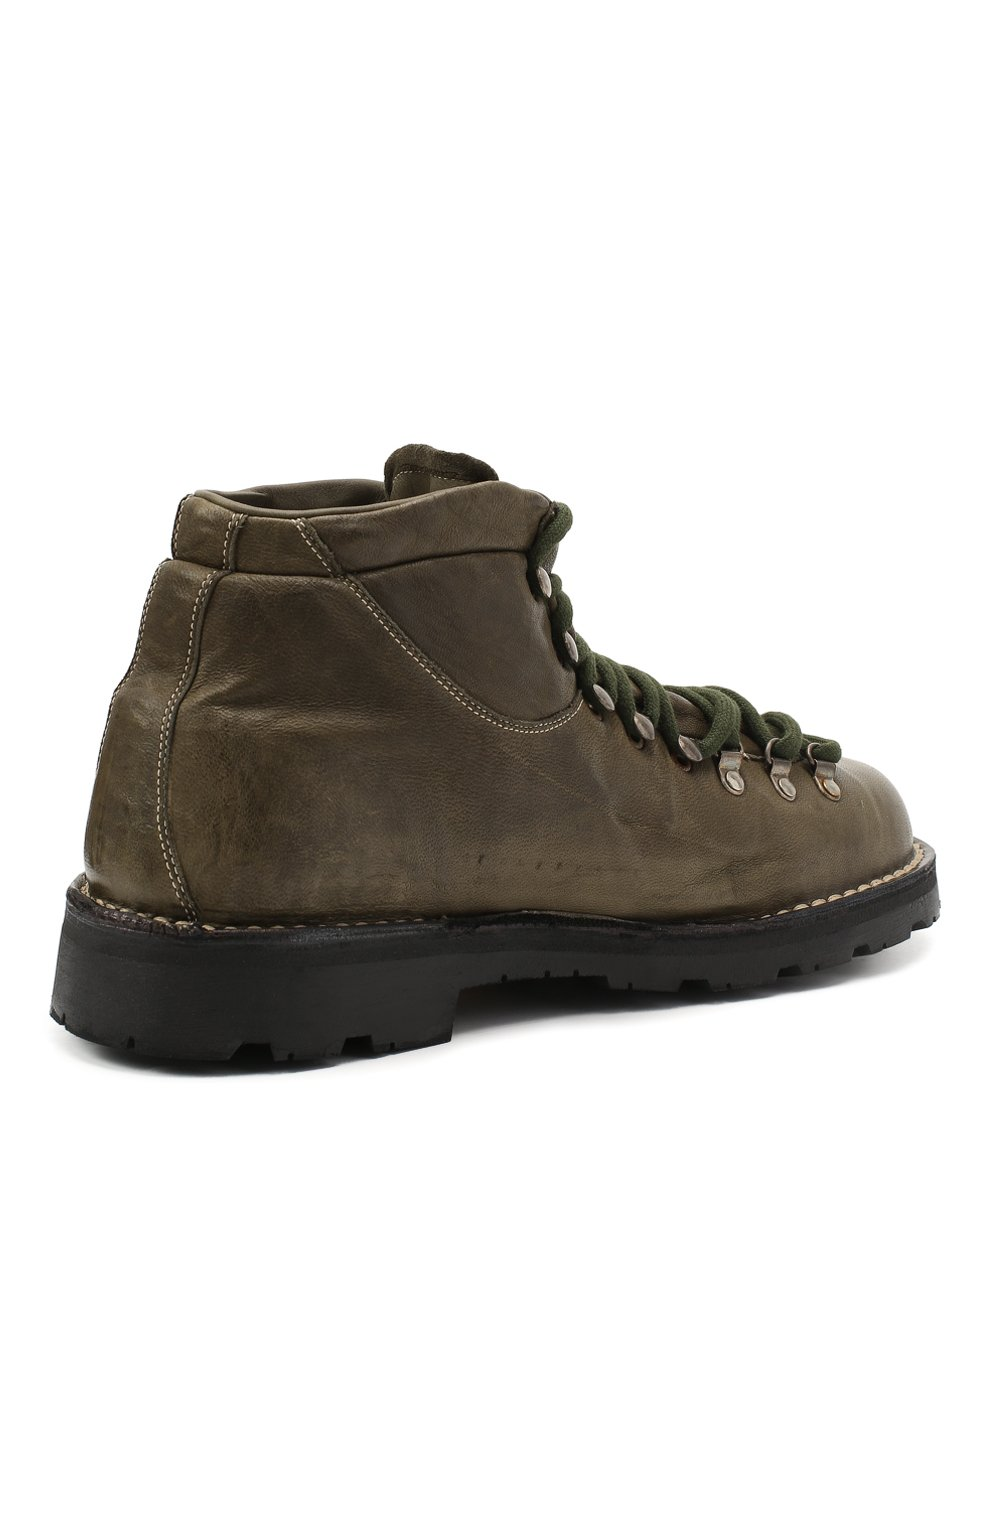 Мужские кожаные ботинки ANDREA VENTURA FIRENZE зеленого цвета, арт. LE APUANE 1/IGNIS WASH/VIBRAM ARCTIC GRIP | Фото 4 (Материал внешний: Кожа; Мужское Кросс-КТ: Хайкеры-обувь, Ботинки-обувь; Материал внутренний: Натуральная кожа; Подошва: Плоская)